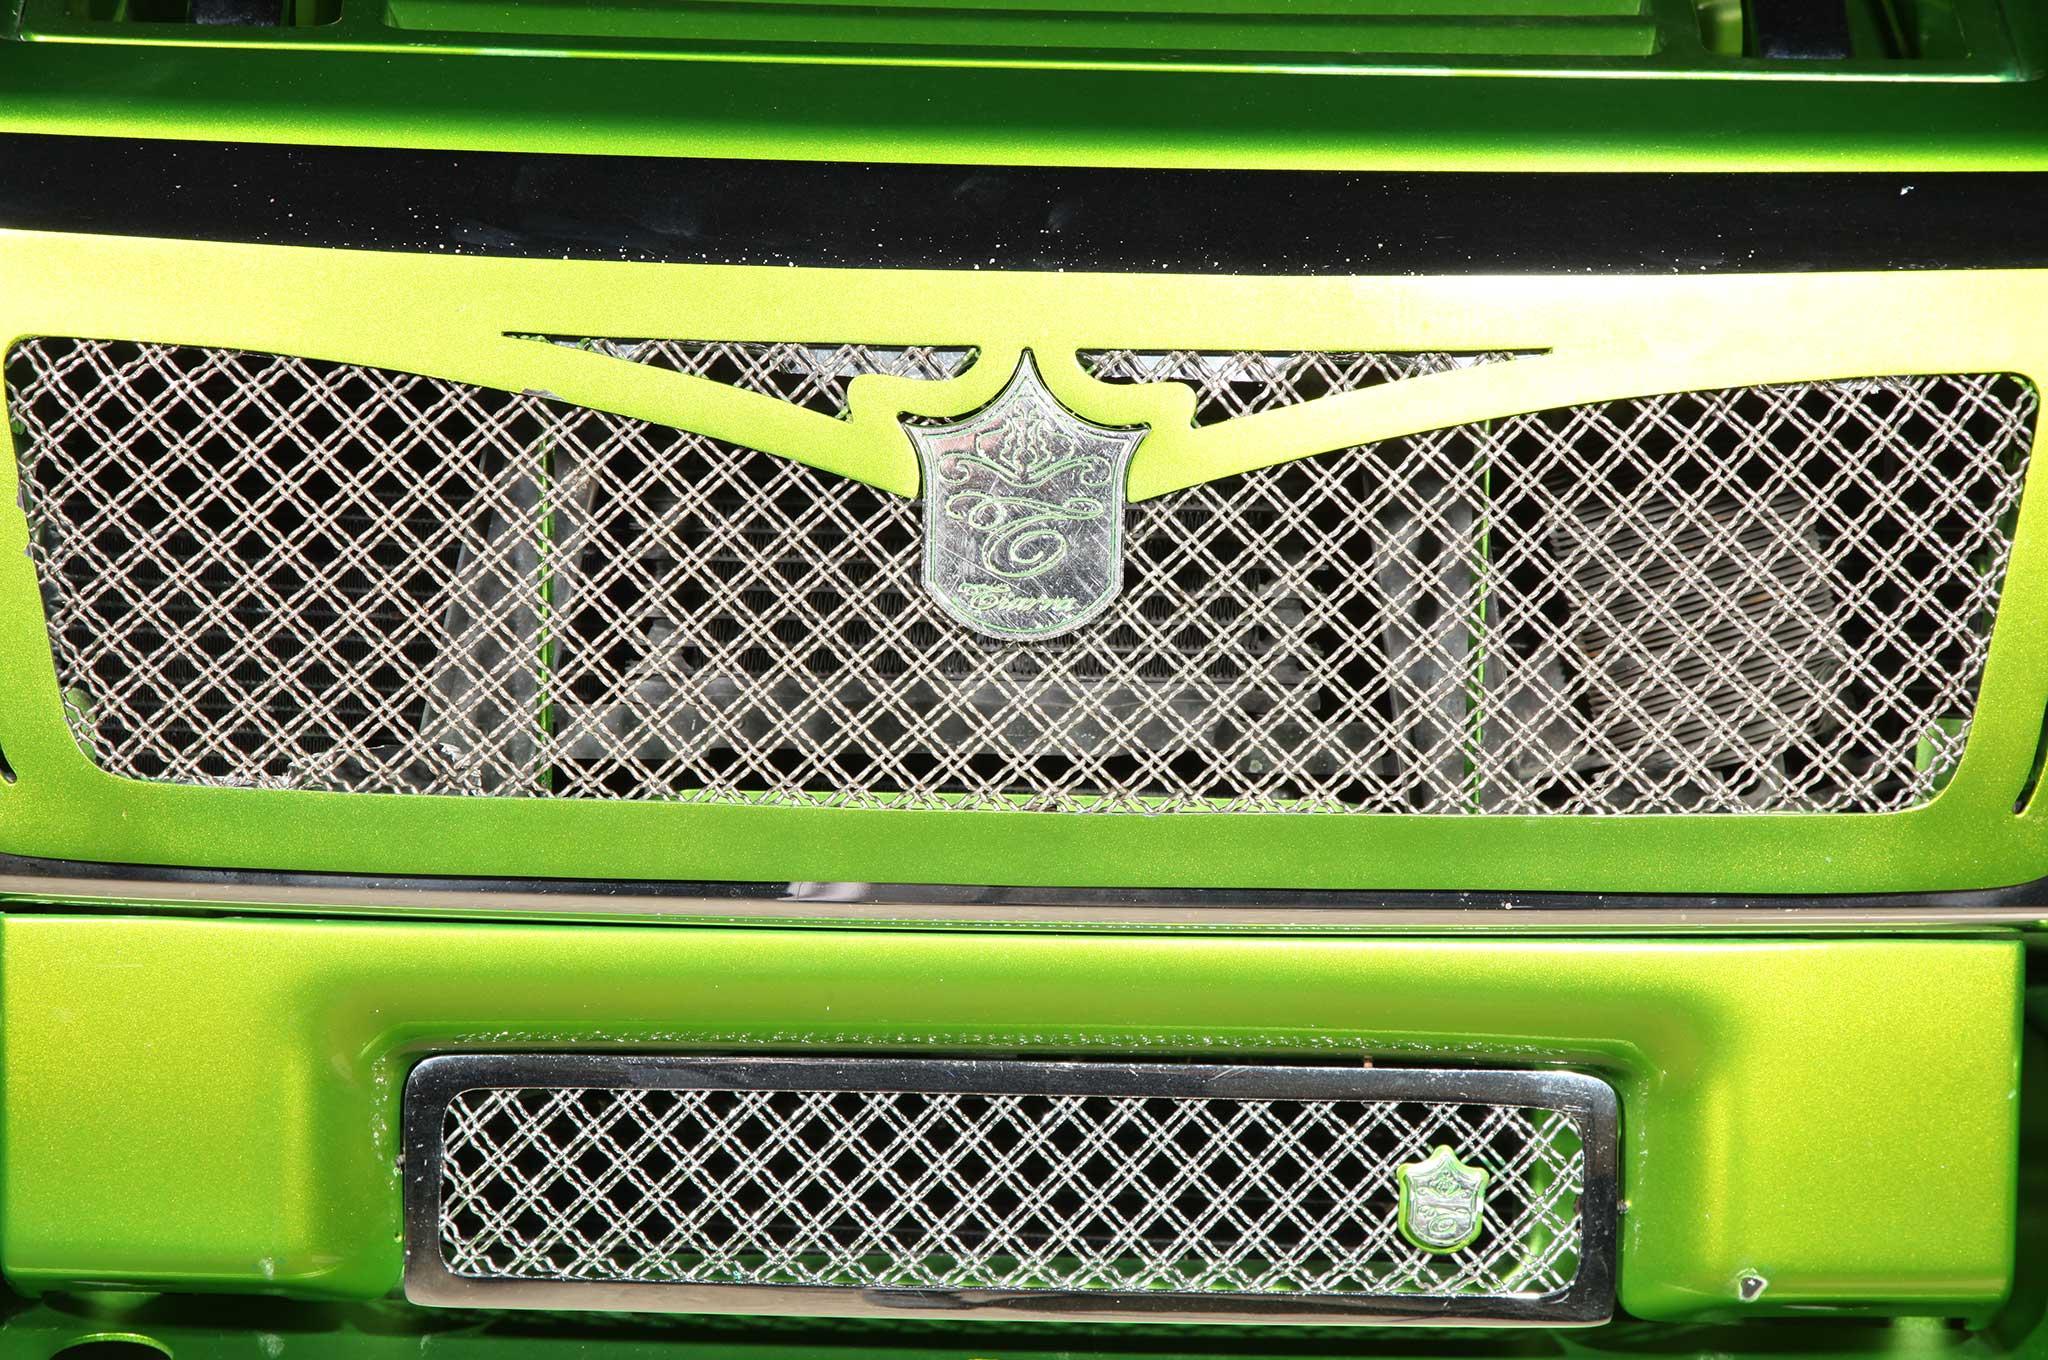 2005 hummer sut front grille 019